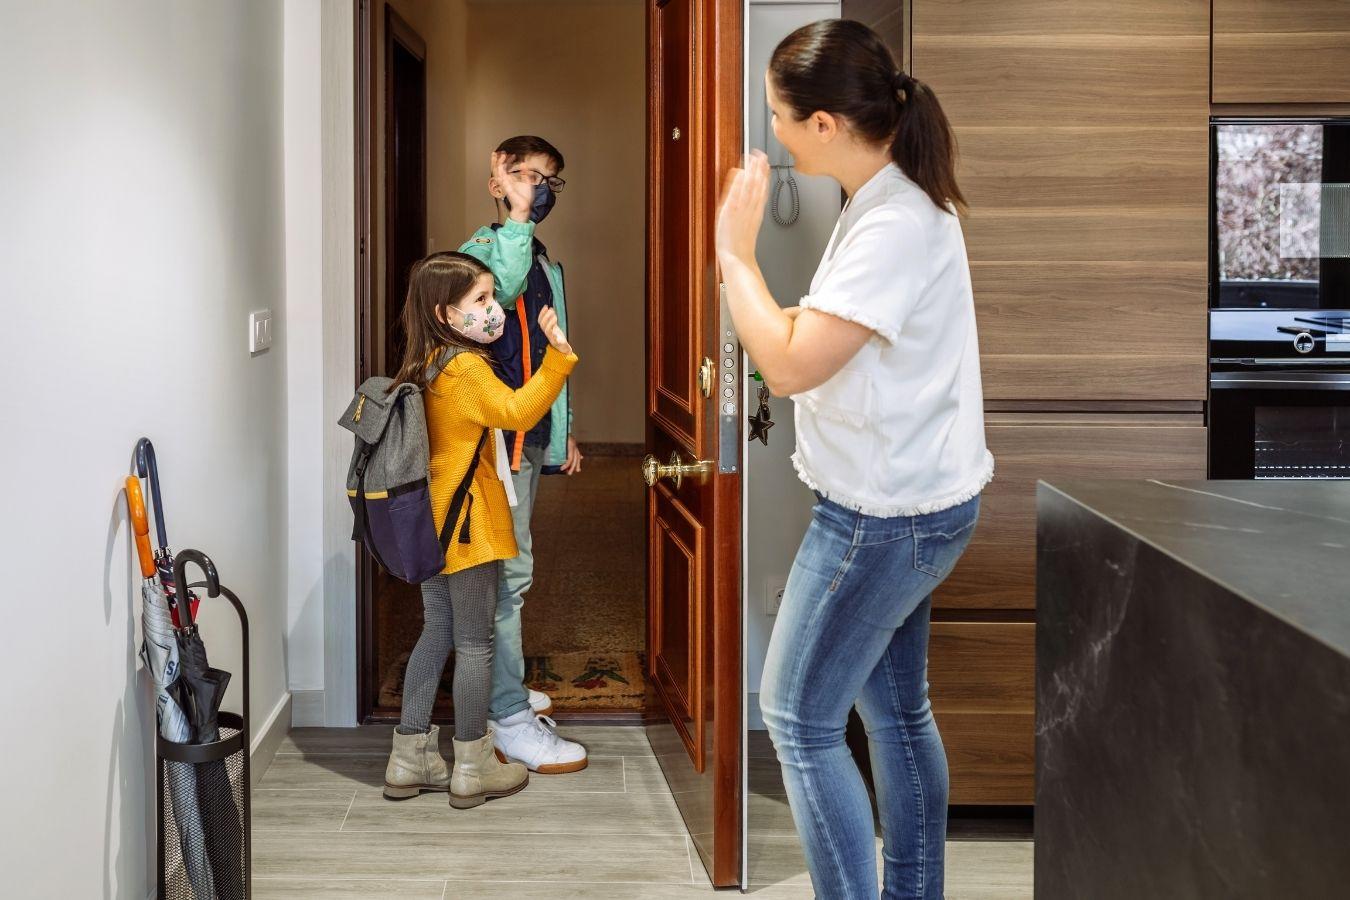 """Czarnek: """"Chcę powrotu do szkół jeszcze w kwietniu"""". Rodzice: To może być zagrożenie dla życia!"""